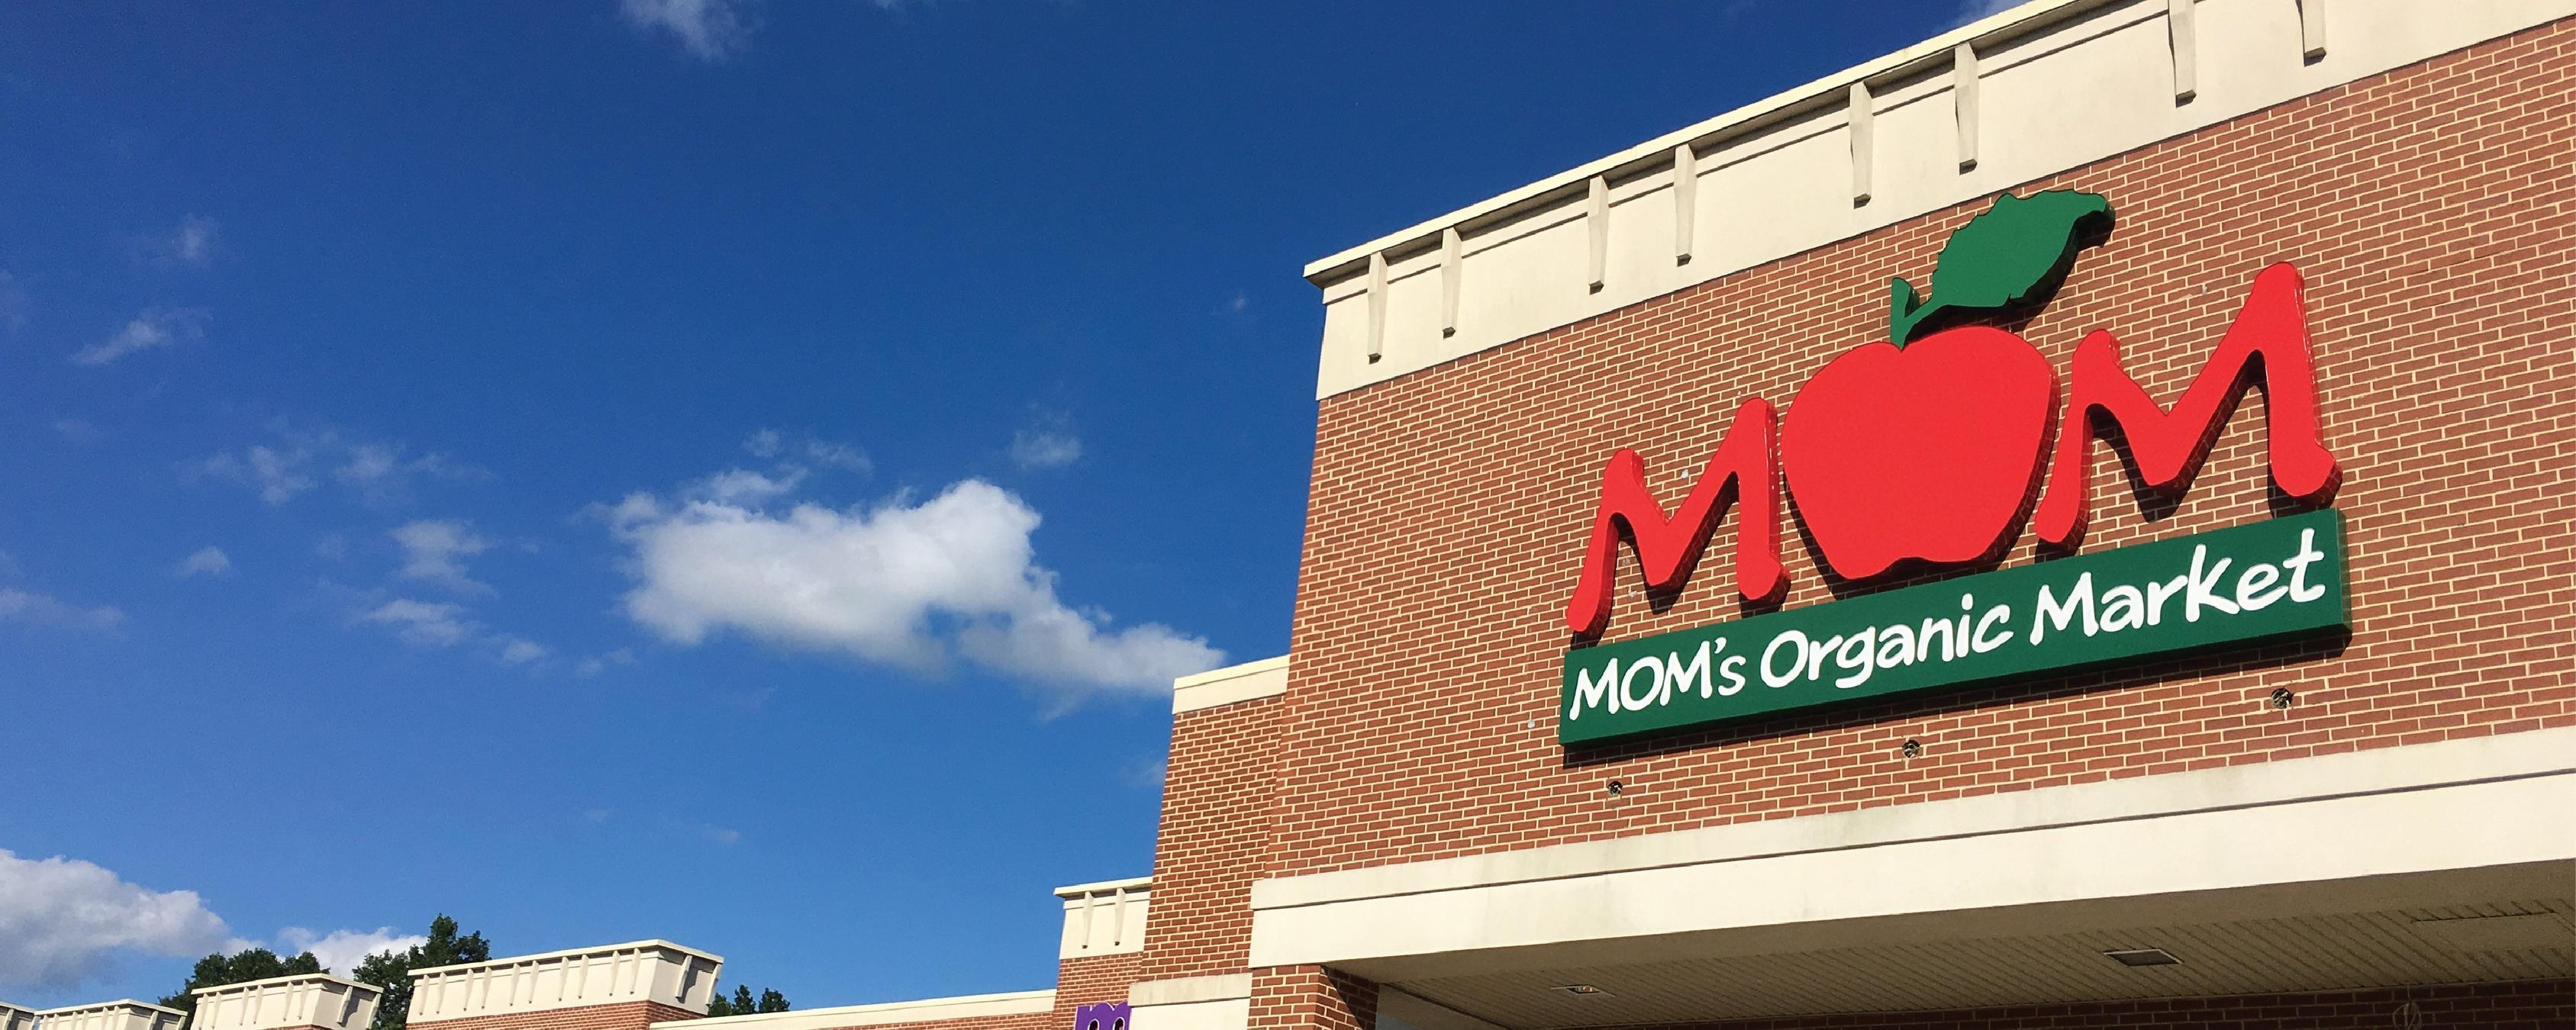 MOM's Organic Market Paramus Brand Cover